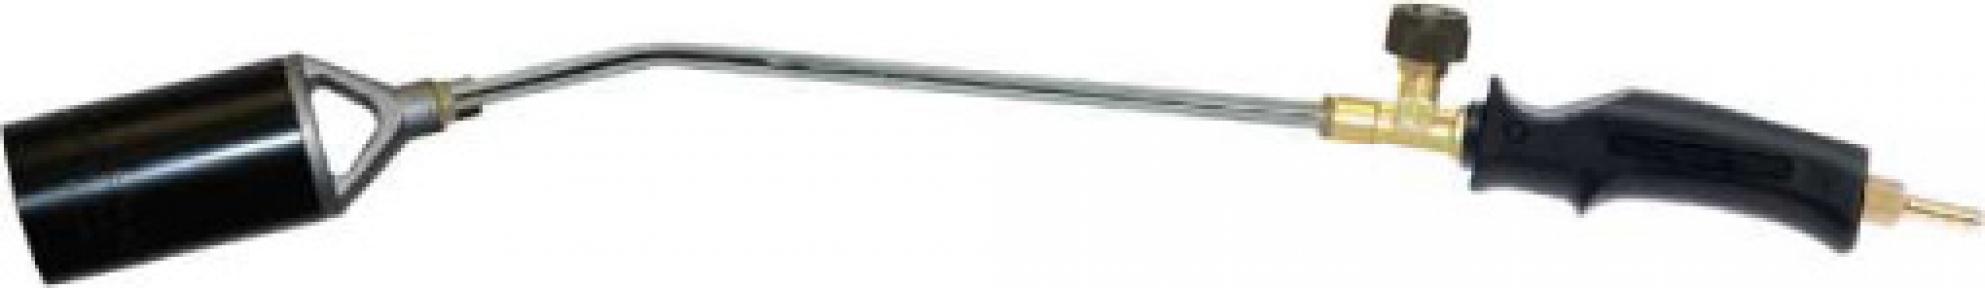 Горелка газо-воздушная рычажная Idealgas FC 412/60